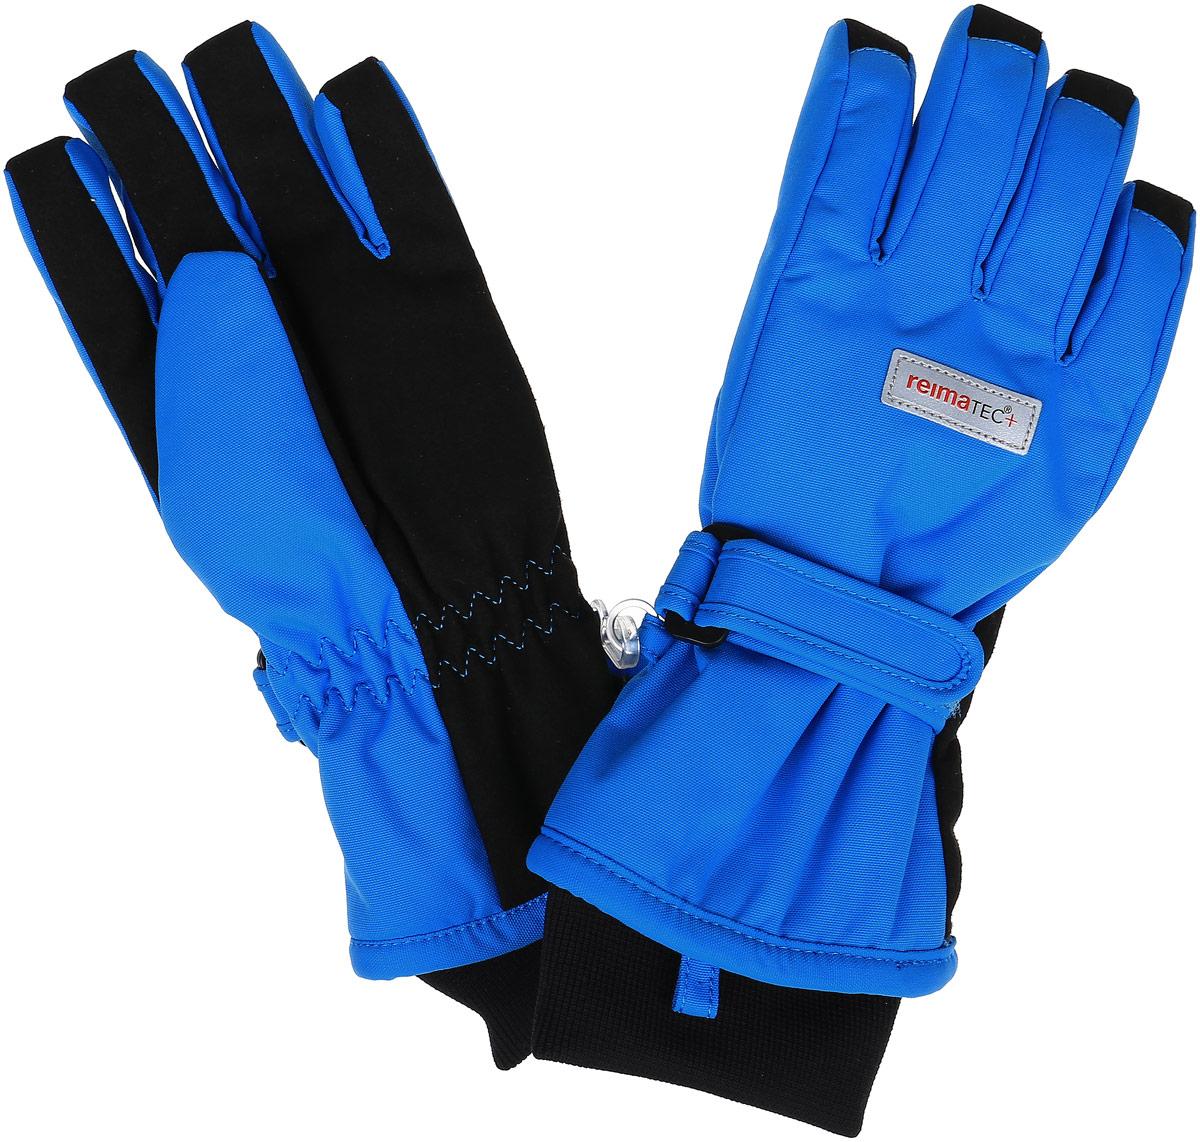 527251-4620Детские перчатки Reima Reimatec+ Tartu станут идеальным вариантом для холодной зимней погоды. На подкладке используется высококачественный полиэстер, который хорошо удерживает тепло. Для большего удобства на запястьях перчатки дополнены хлястиками на липучках с внешней стороны, а на ладошках, кончиках пальцев и с внутренней стороны большого пальца - усиленными водонепроницаеми вставками Hipora. Теплая флисовая подкладка дарит коже ощущение комфорта и уюта. С внешней стороны перчатки оформлены светоотражающими нашивками с логотипом бренда. Высокая степень утепления. Перчатки станут идеальным вариантом для прохладной погоды, в них ребенку будет тепло и комфортно. Водонепроницаемость: Waterpillar over 10 000 mm